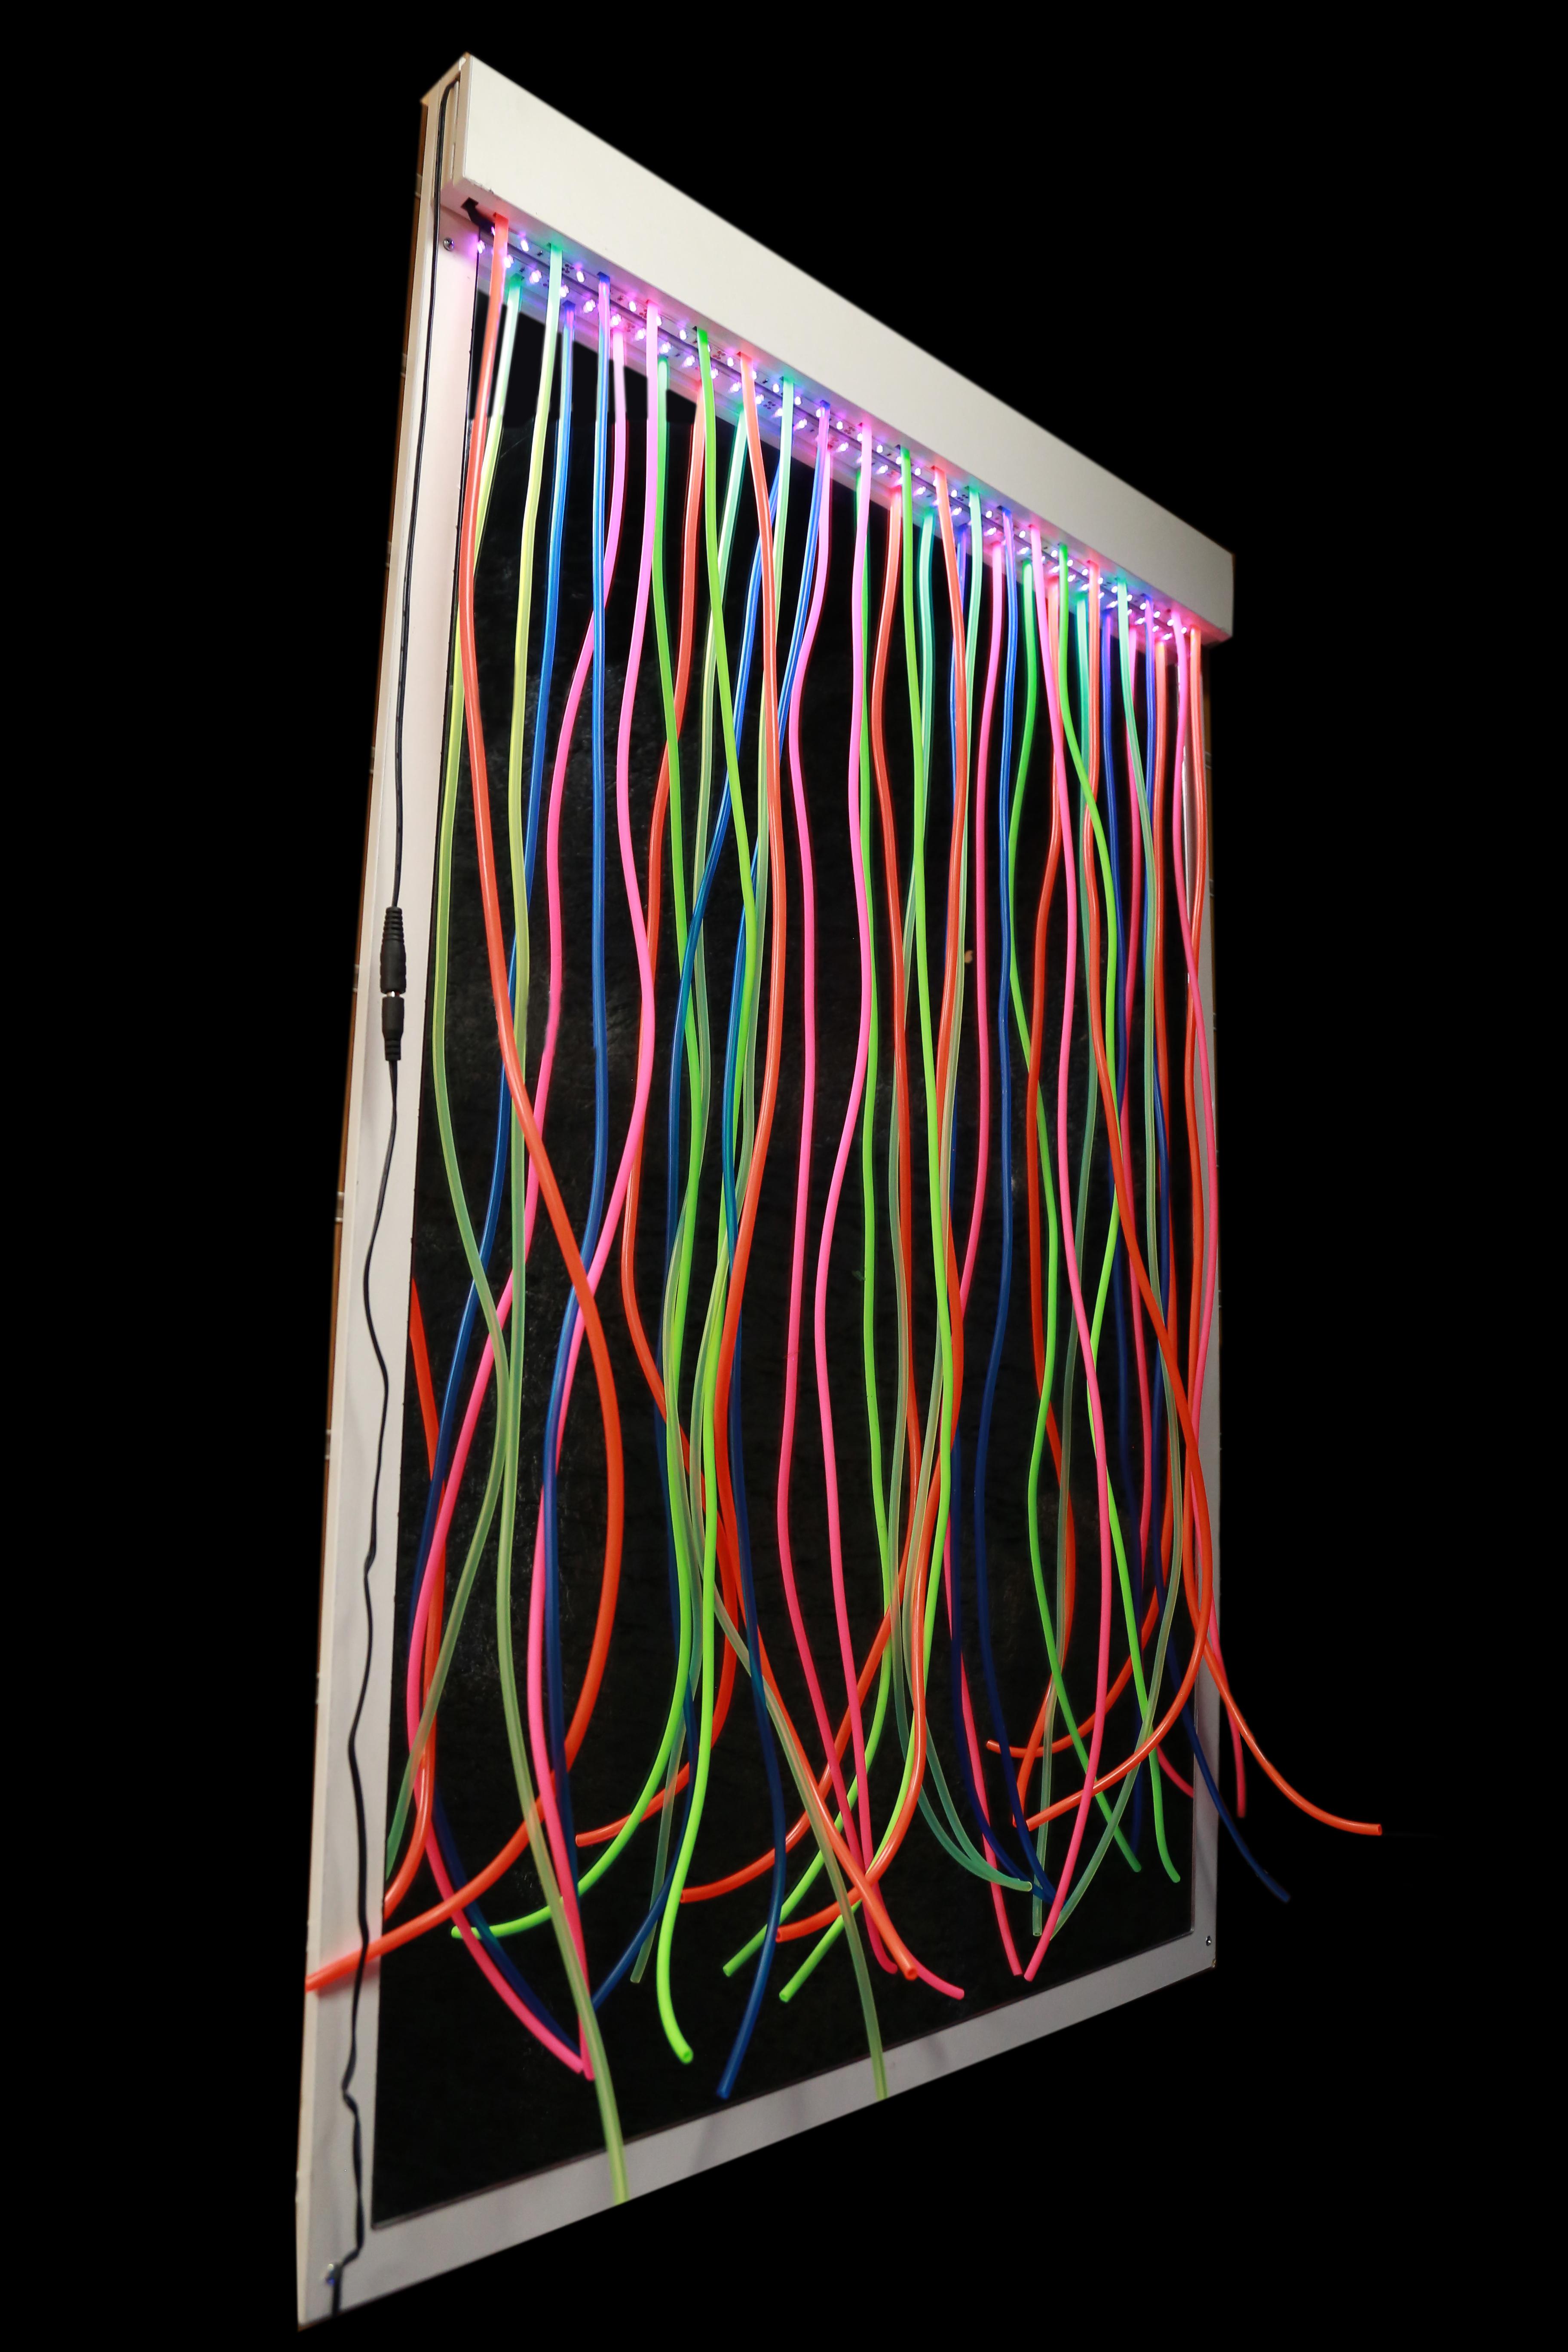 Oglindă UV cu perdea luminoasă tip franjuri (100 x 70 cm) imagine edituradiana.ro